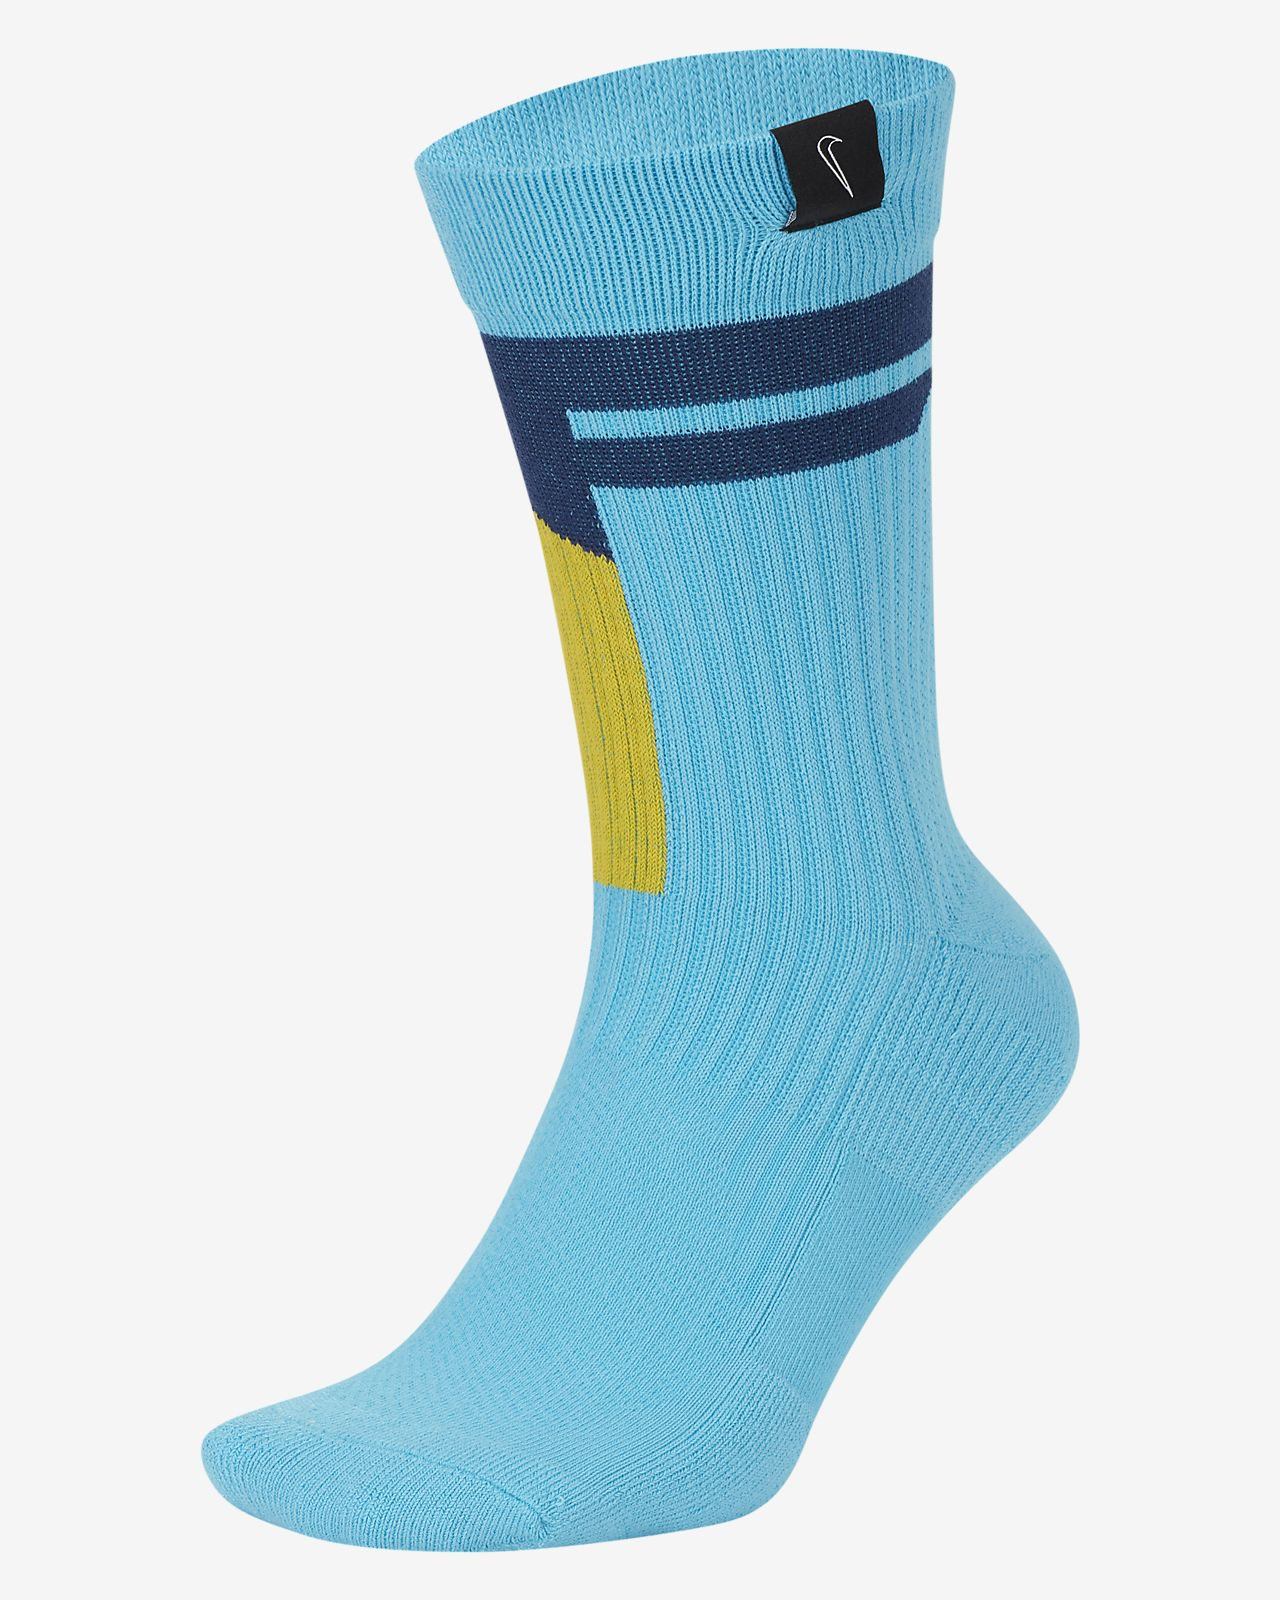 Nike SNKR SOX Basketball Crew Socks